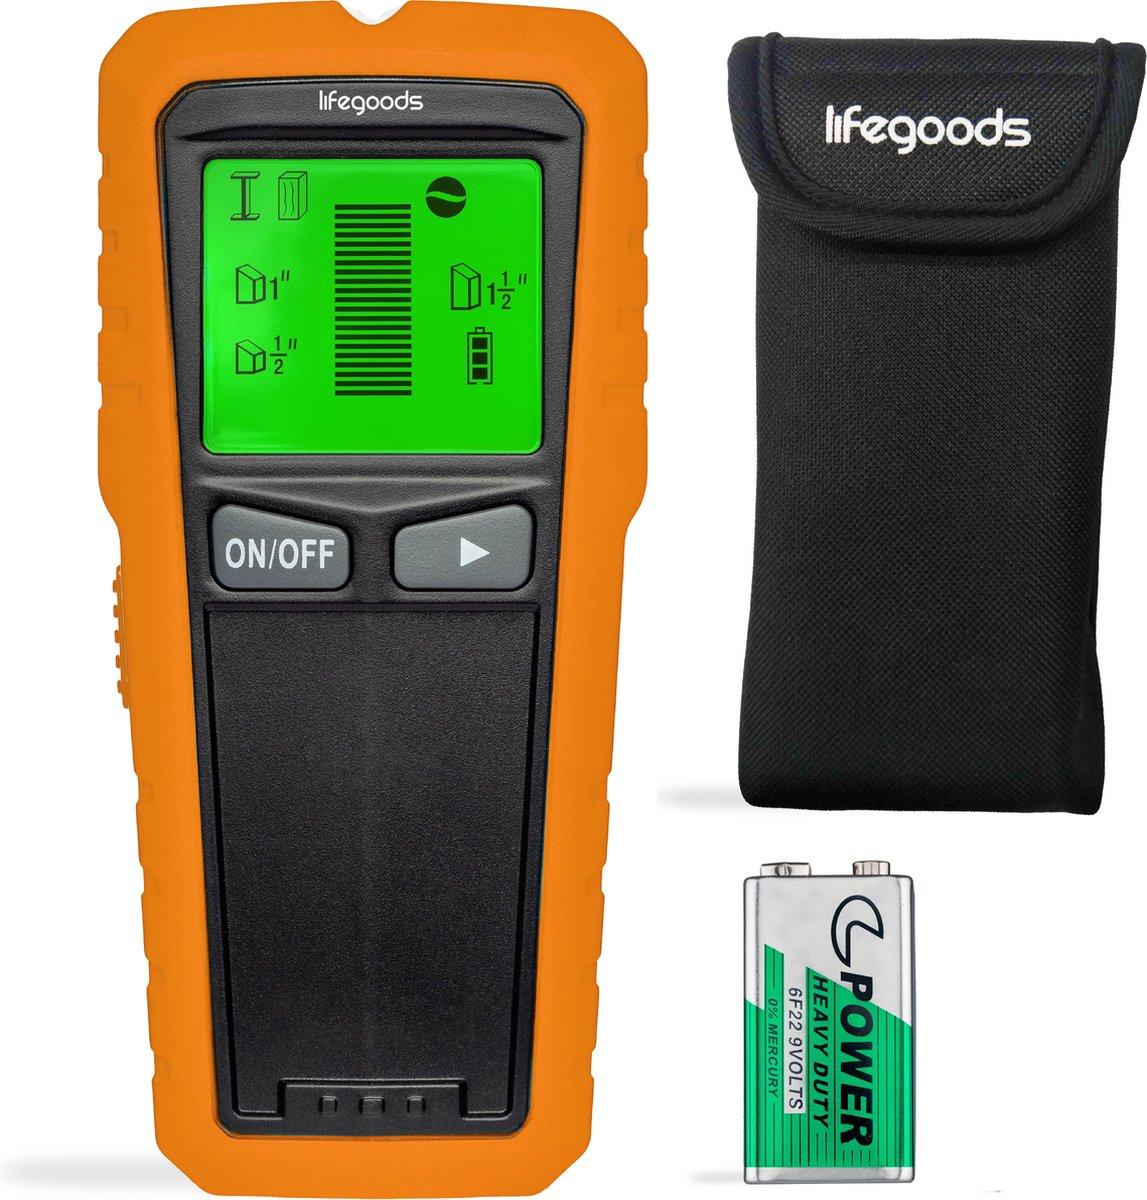 LifeGoods Digitale Leidingzoeker - 5 in 1 Detector voor Muren - Hout, Metaal, Leidingen, Bedrading